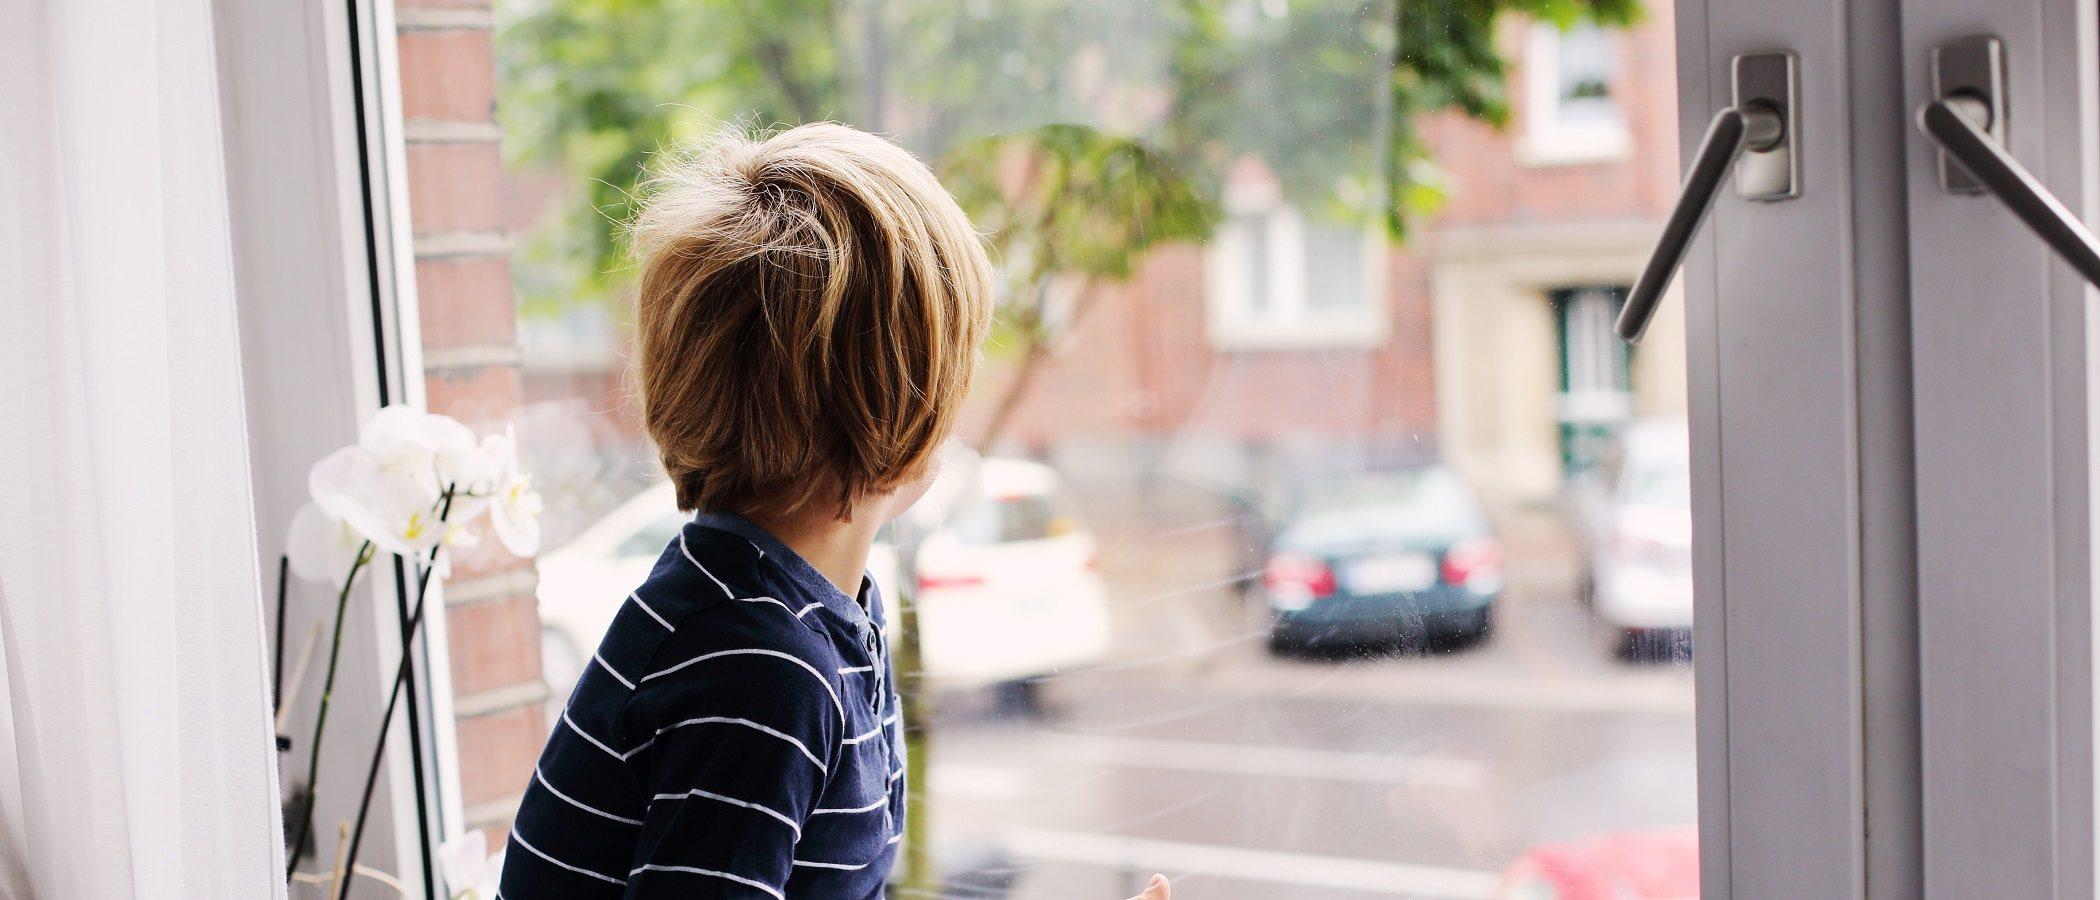 Cómo identificar si mi hijo tiene autismo